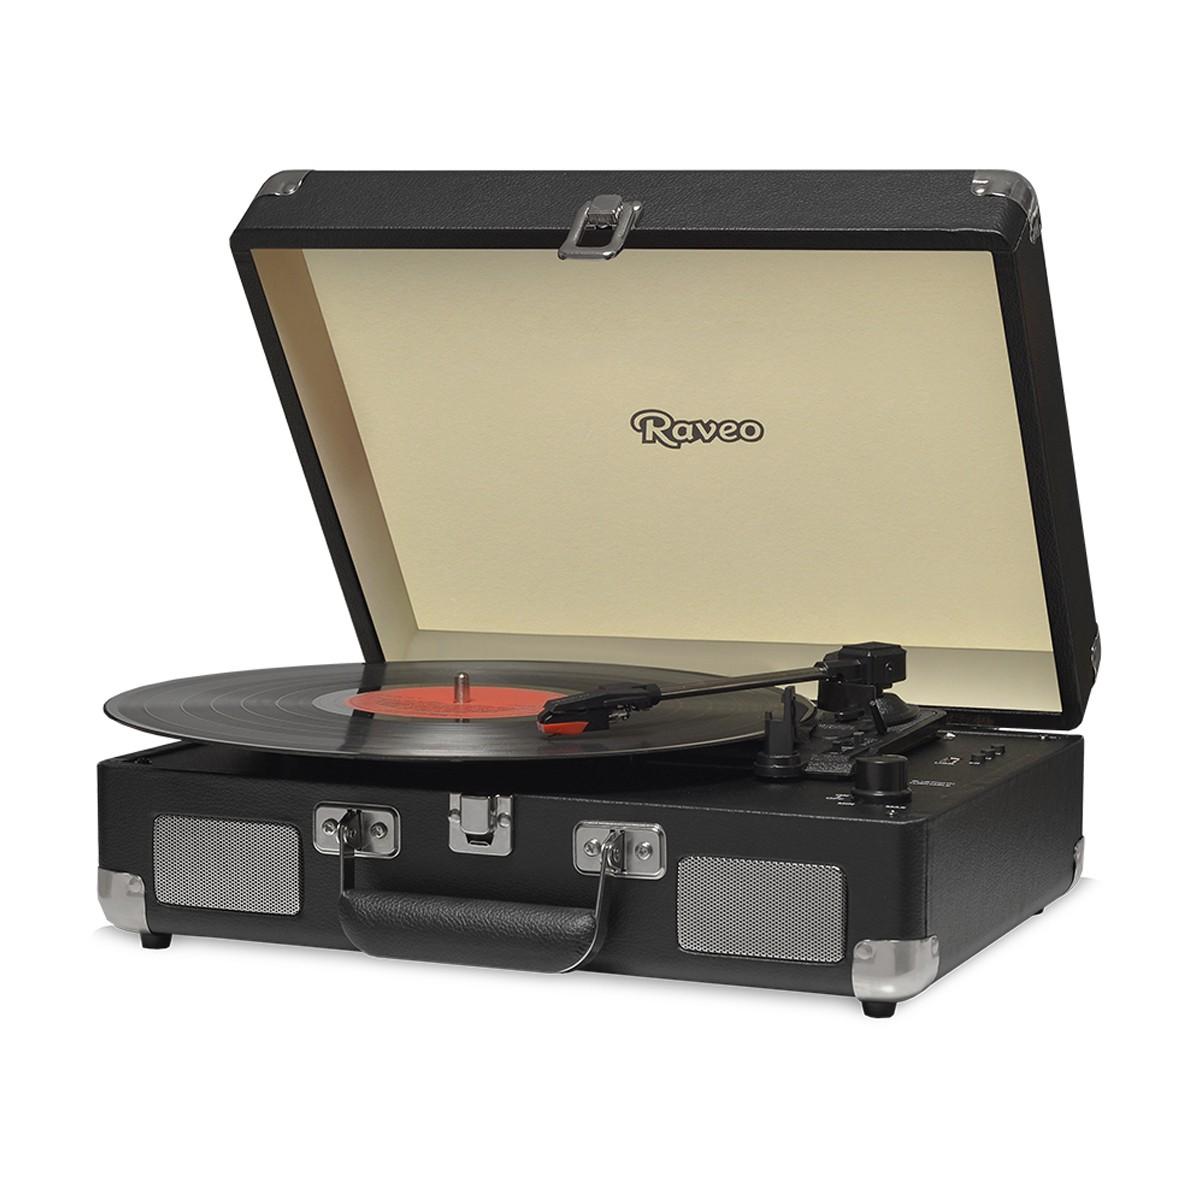 Vitrola Retrô Raveo Sonetto Chrome Black, Toca Discos, Entrada USB, Bluetooth, Reproduz e Grava Vinil